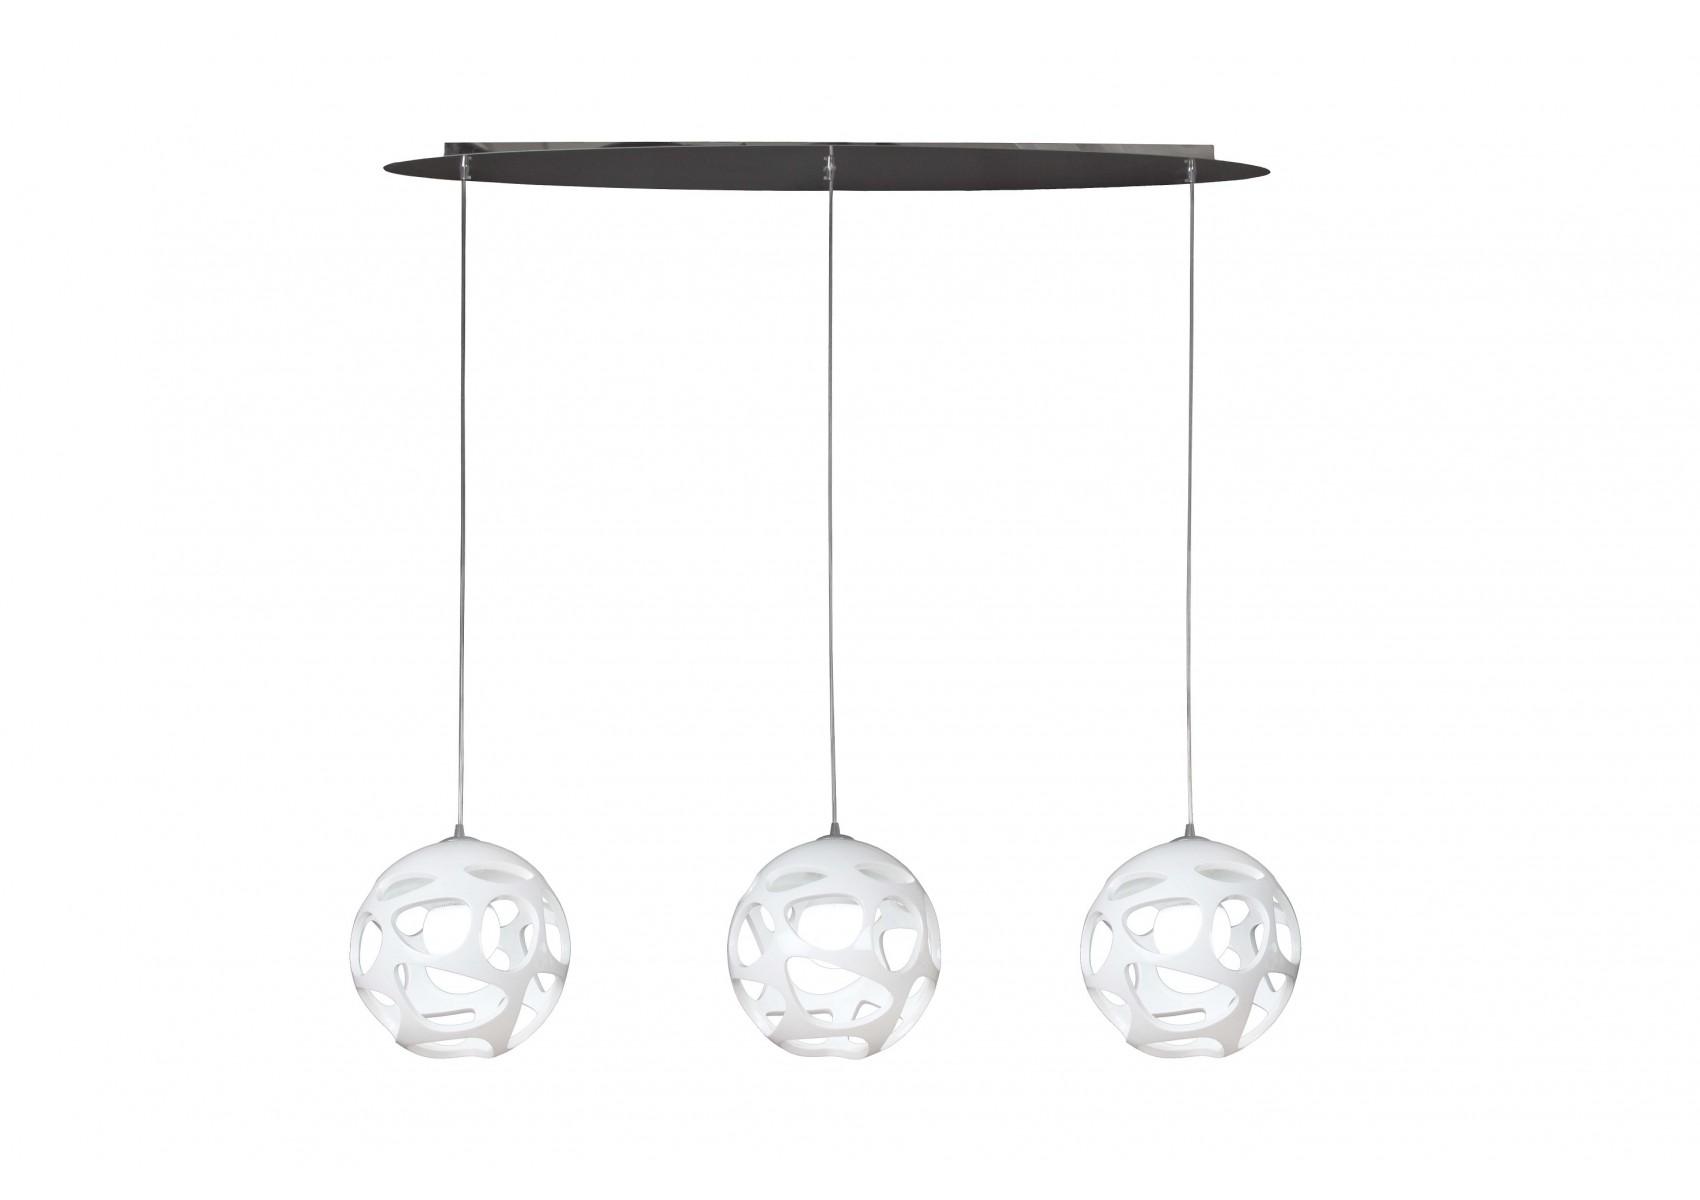 Suspension Organica Boite En À Lampes Ligne Design 3 dCxrBoe